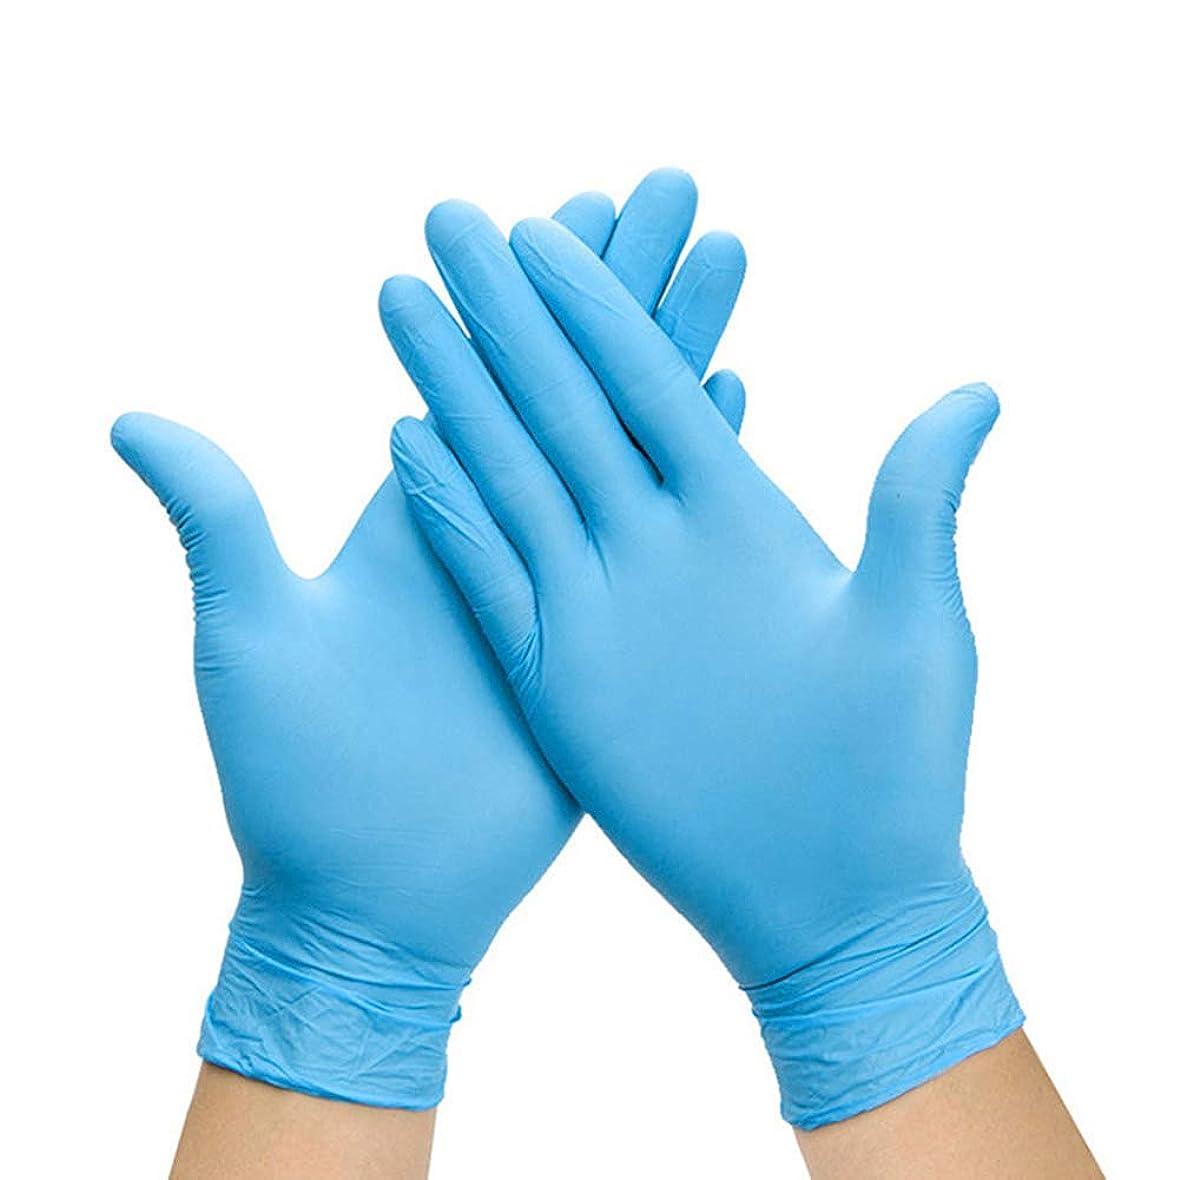 タイル標高生きているBesline 使い捨て手袋 ゴム手袋滑り止め表面肥厚使い捨て手袋食品グレード手袋、ラテックスゴムフリー、100個